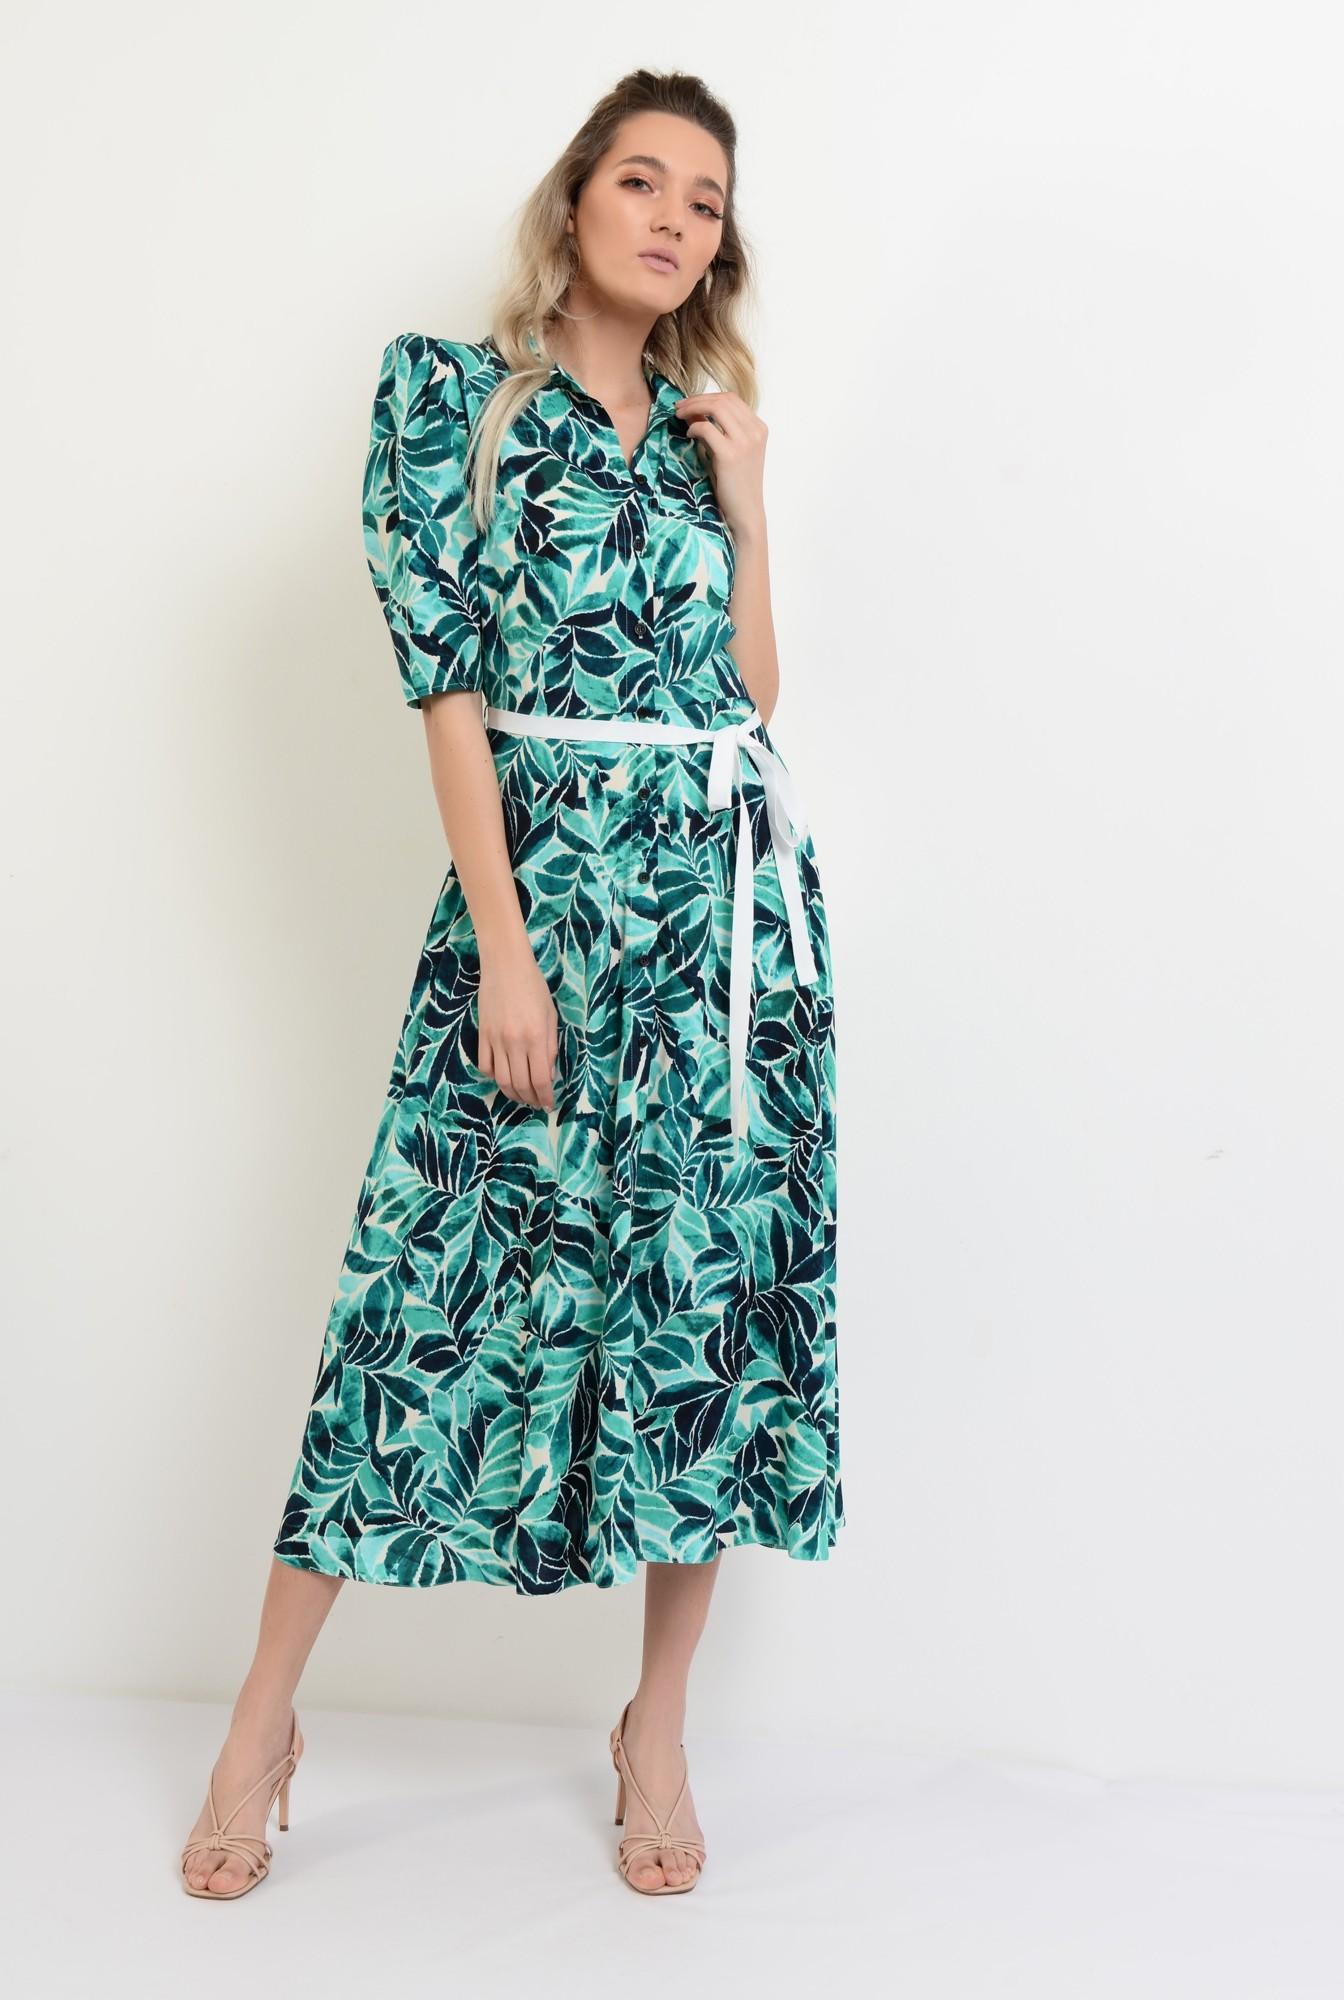 3 - rochie de vara, midi, evazata, cu print, cu cordon in contrast